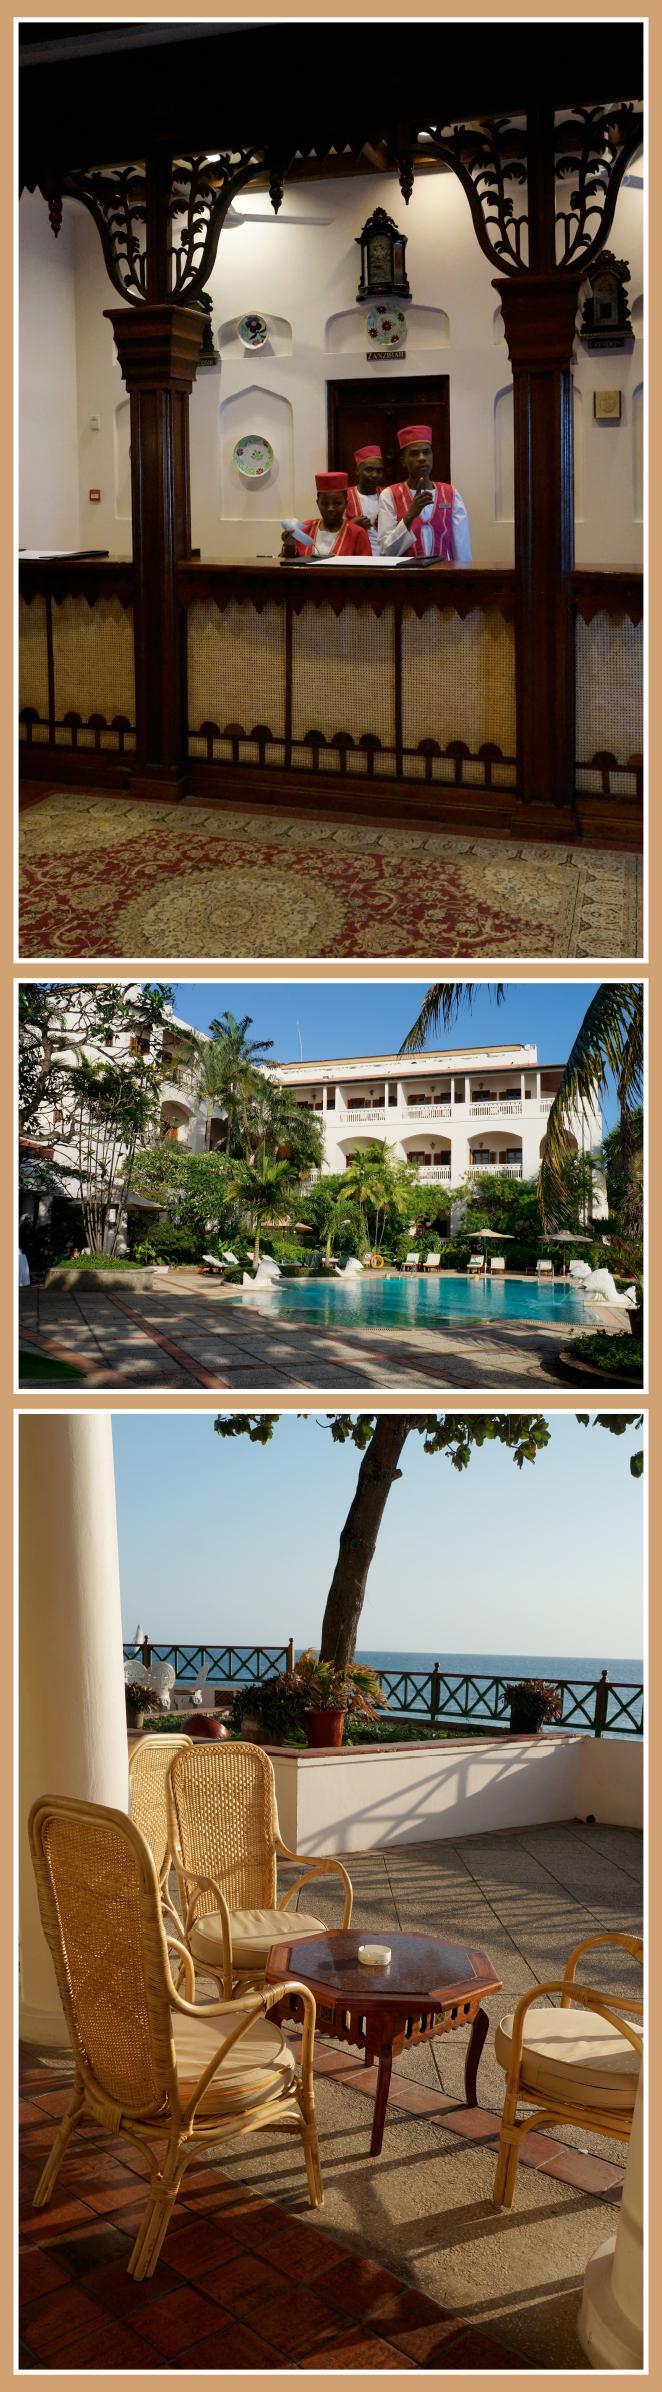 Atardecer mientras tomamos un zumo de fruta natural en la terraza del hotel Zanzibar Serena Inn, con vistas al mar.